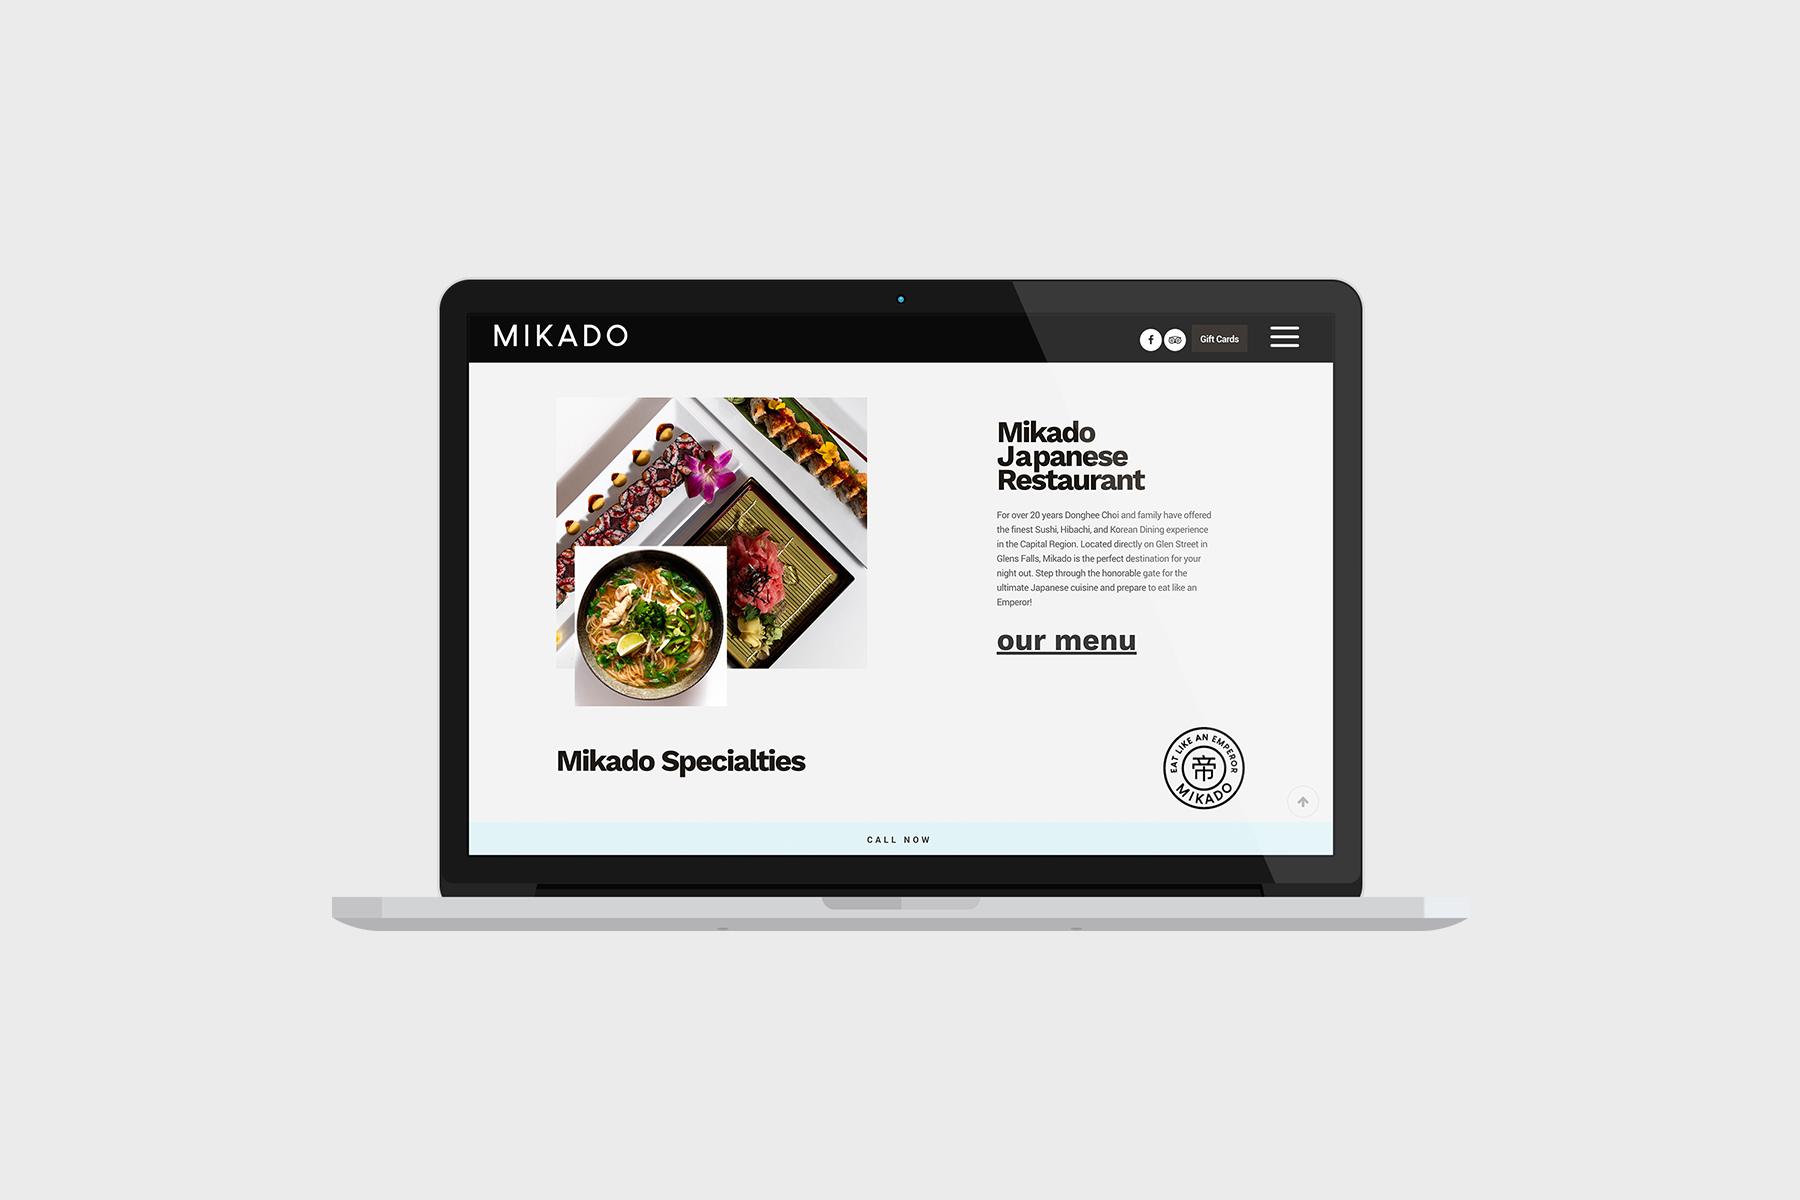 Website development on macbook